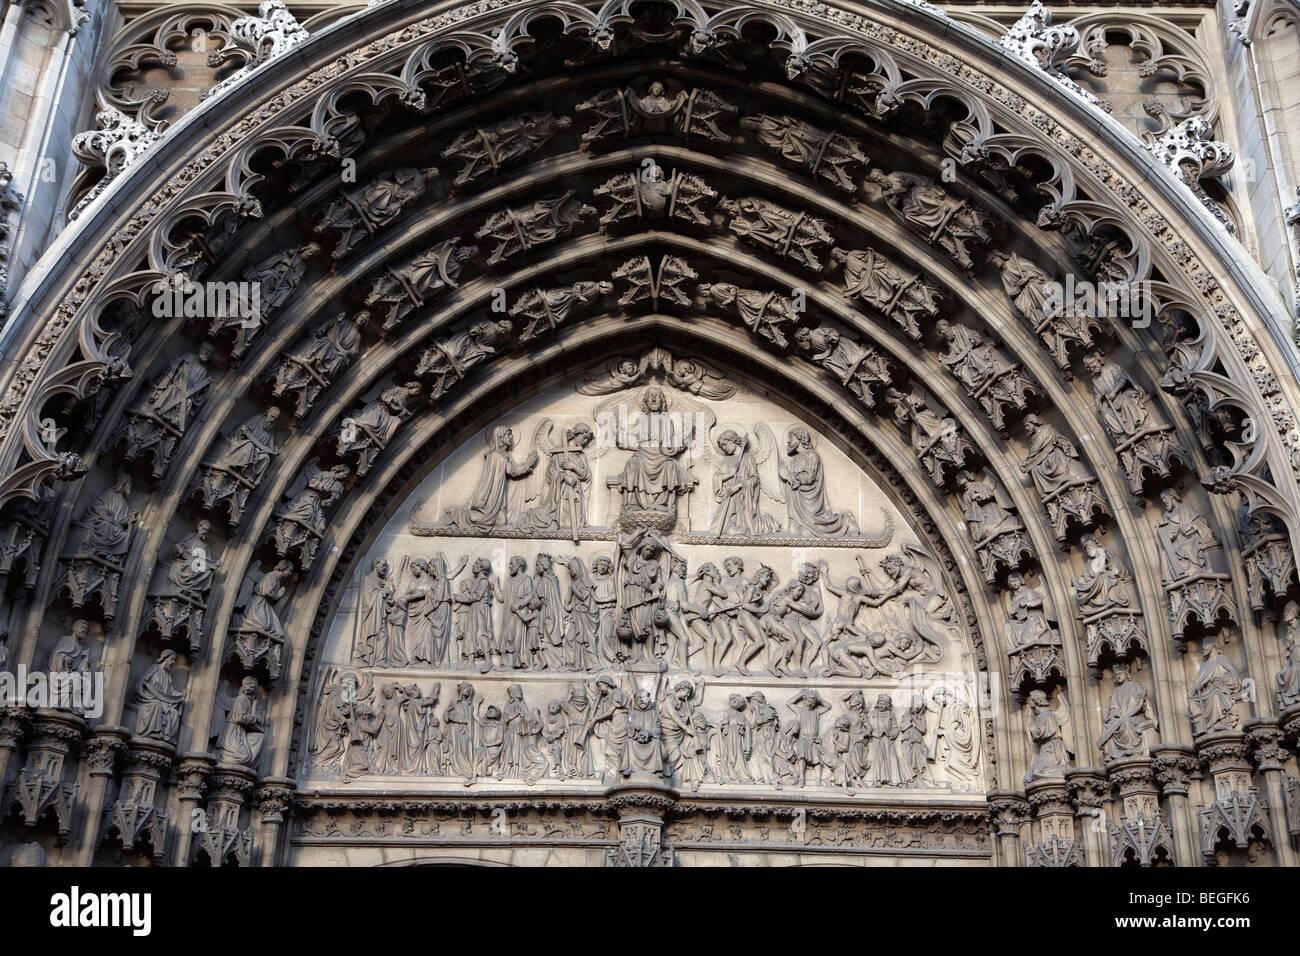 Geschnitzte Tür der Kathedrale zeigt den Weg zum Himmel oder zur Hölle. Stockbild